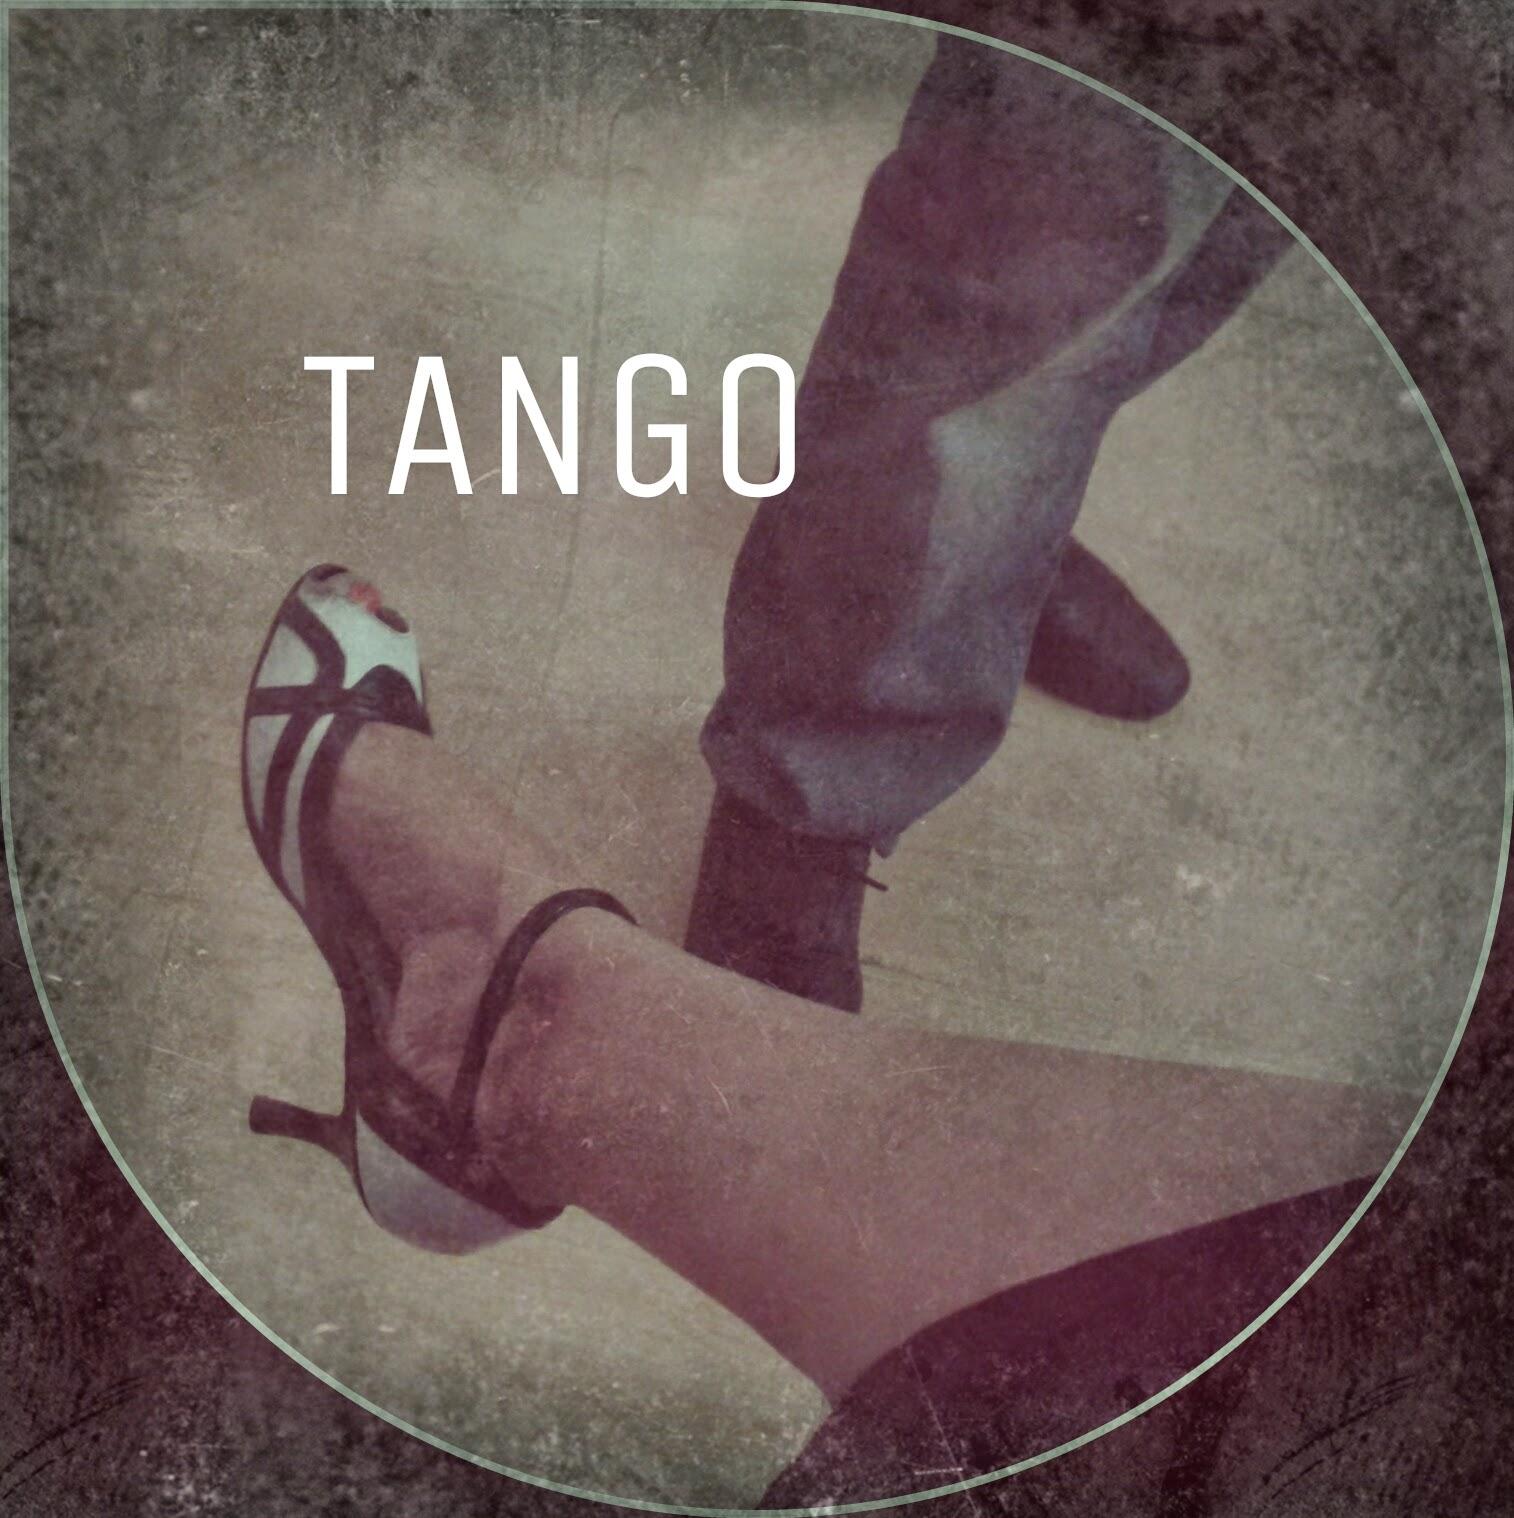 Nuestros pies en tango